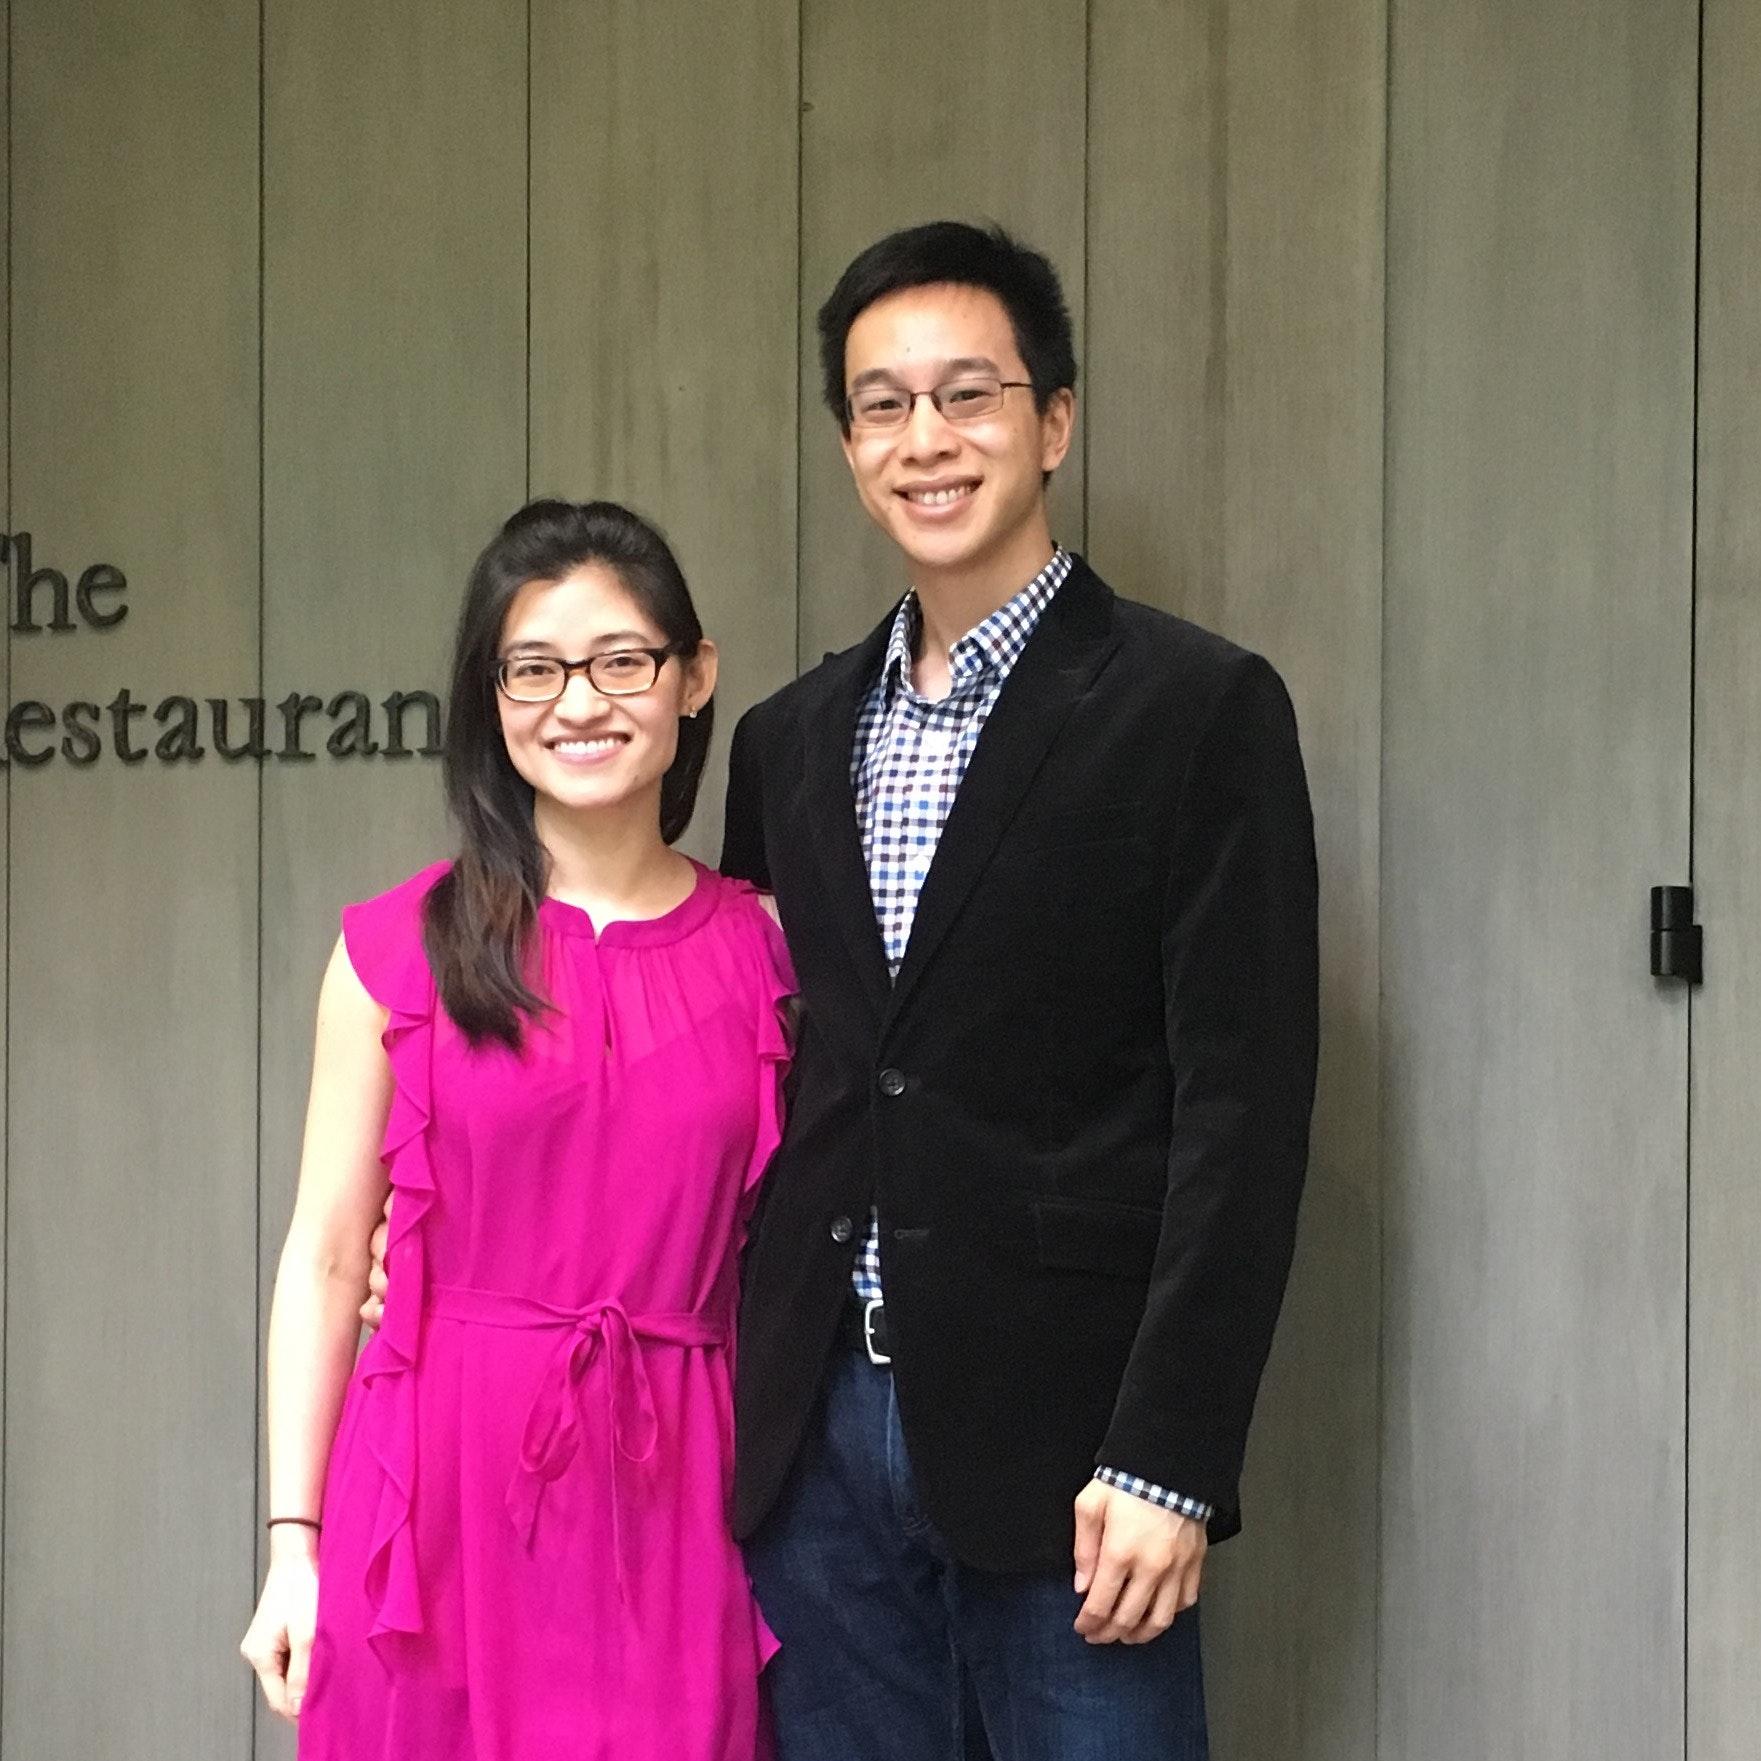 Jonathan & Kimberly F.